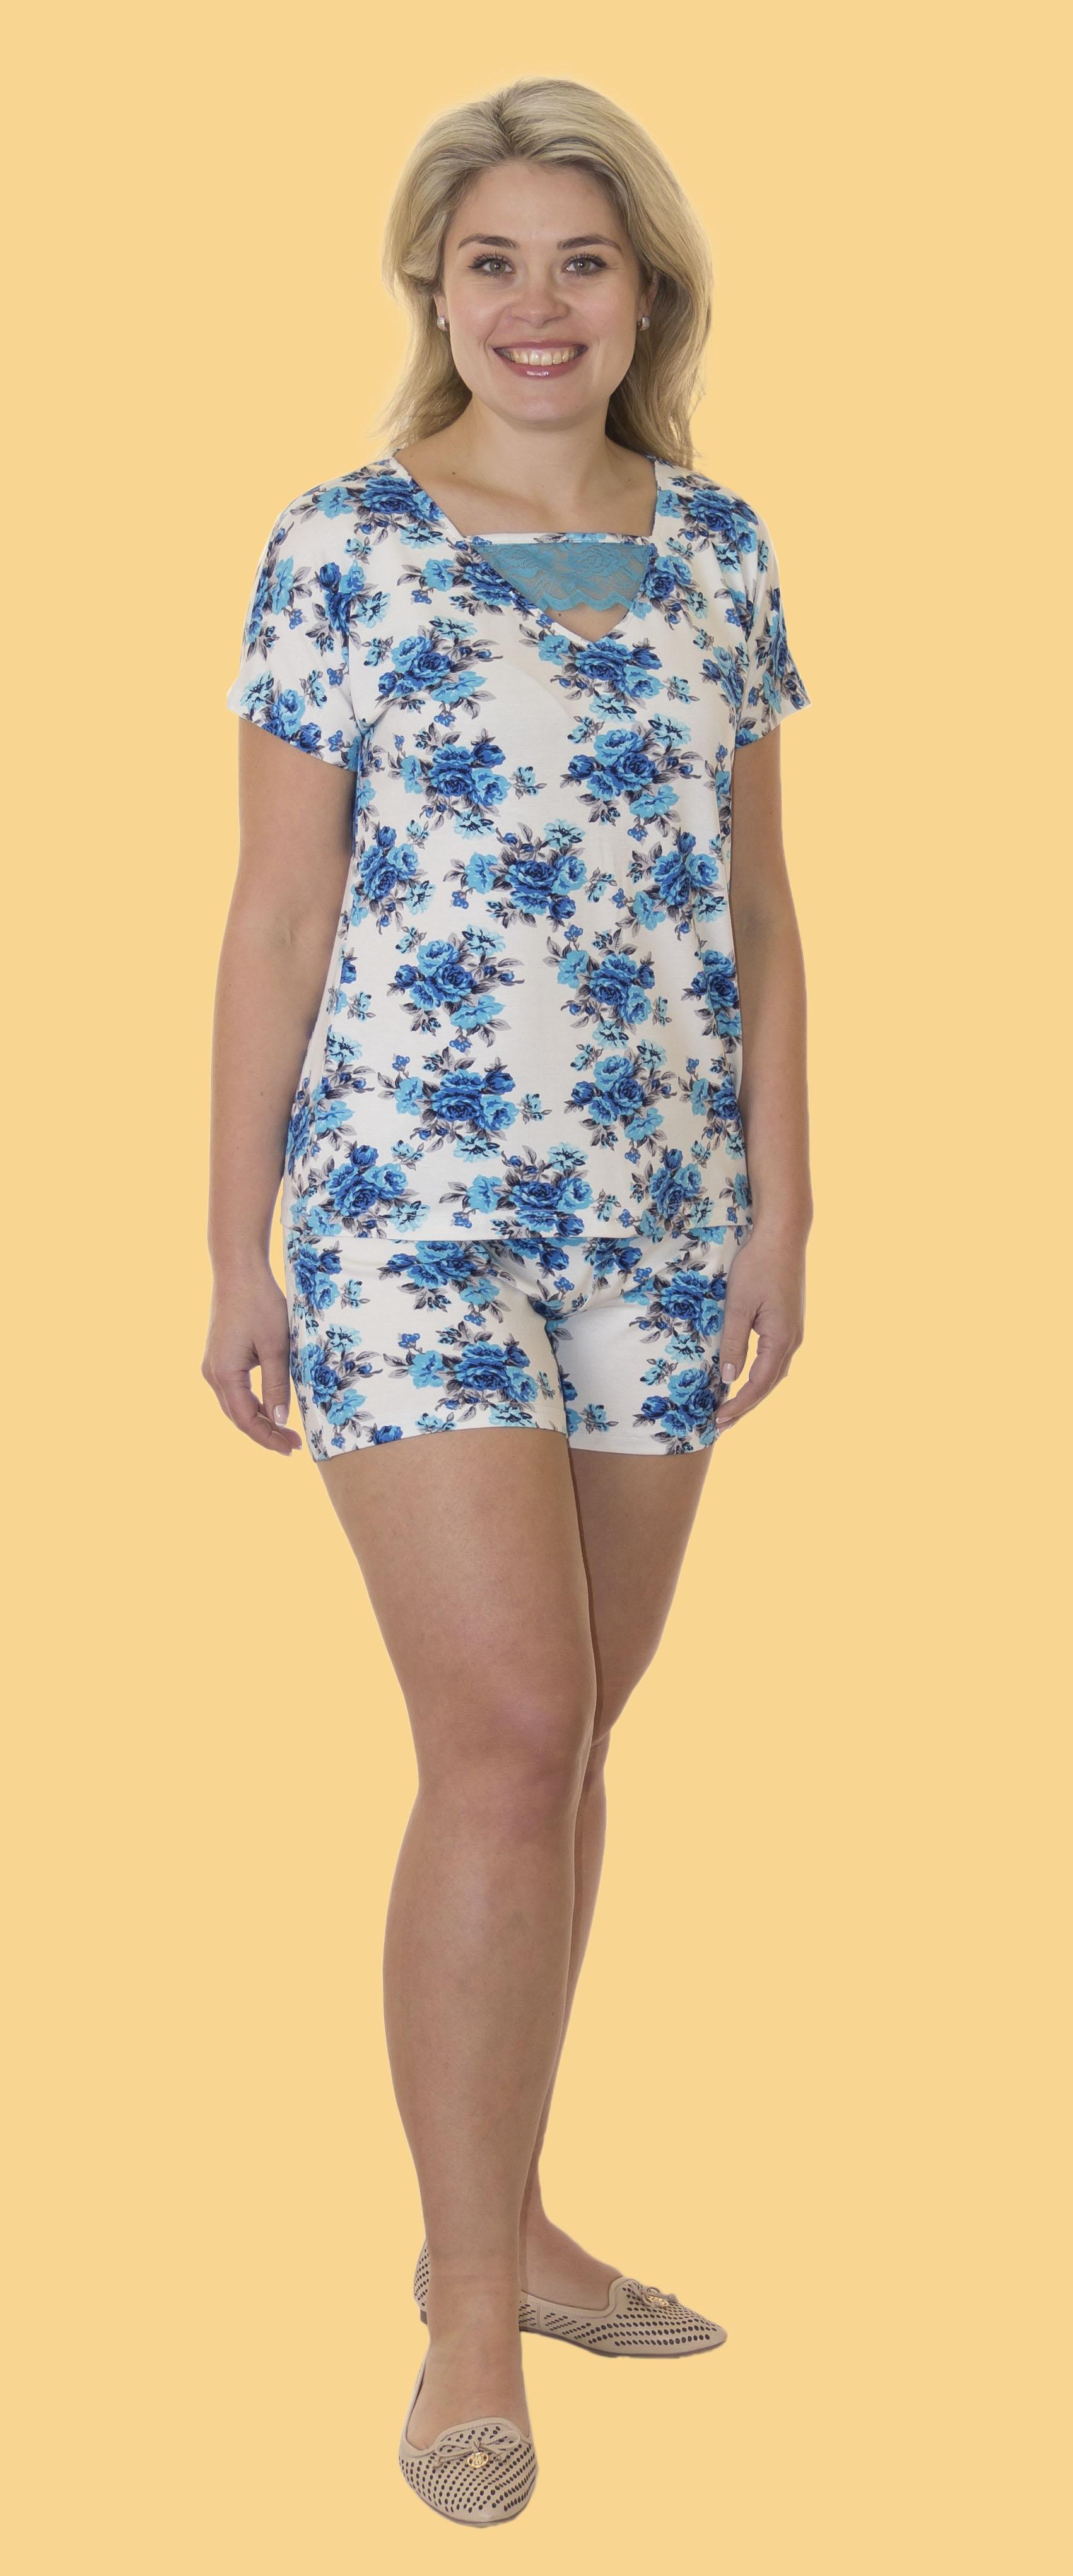 Пижамы Лотос Пижама Мила Цвет: Синие Цветы (xxL) красная сорочка и стринги mila xxl 3xl